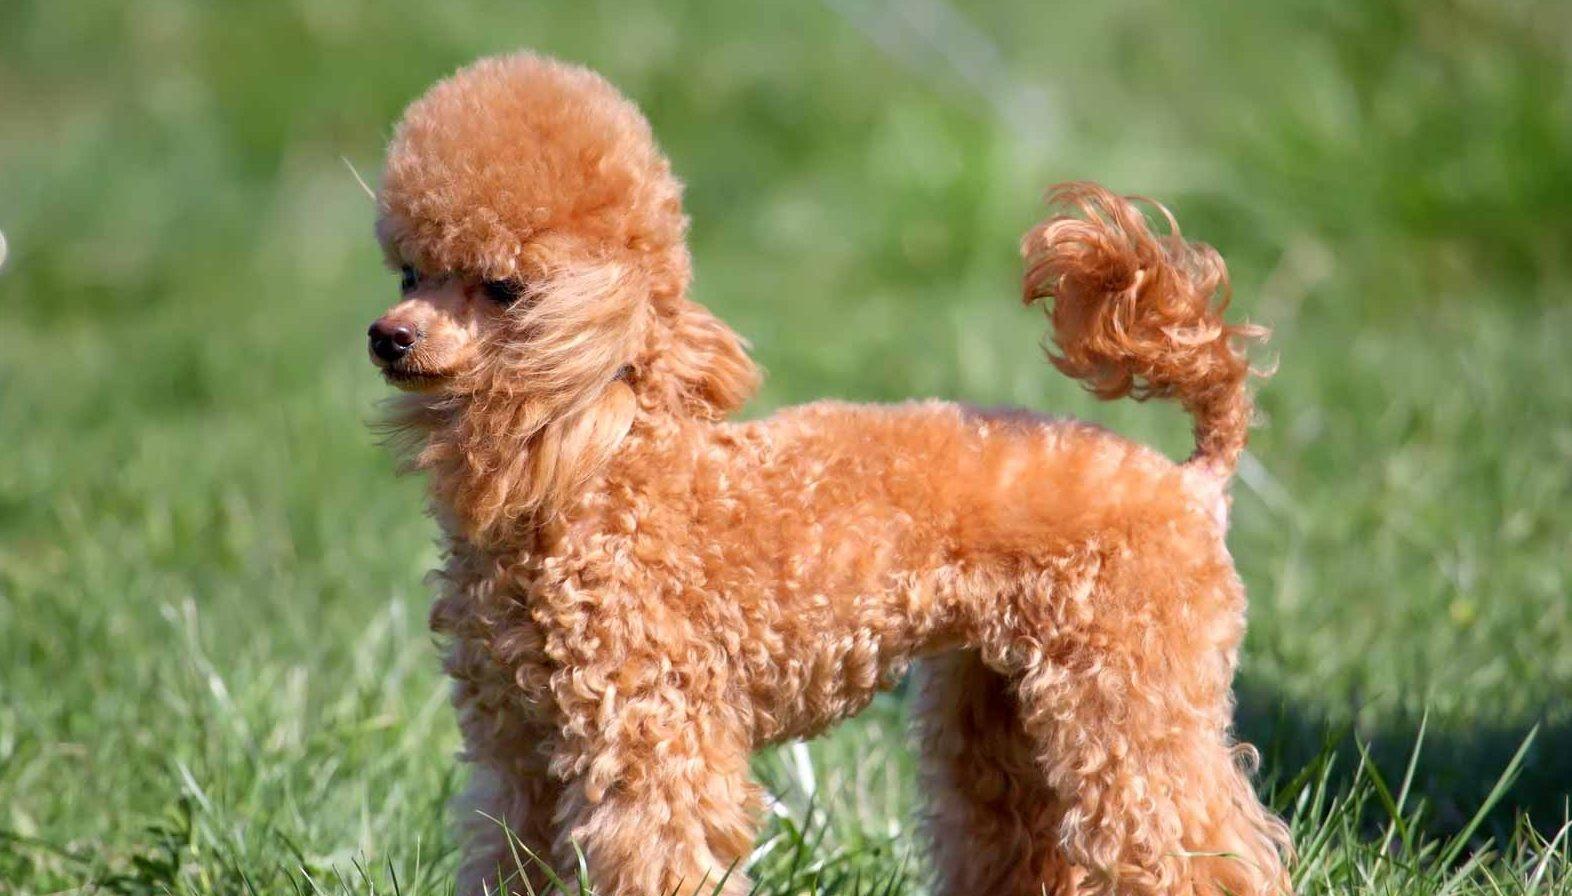 Miniatures Poodle